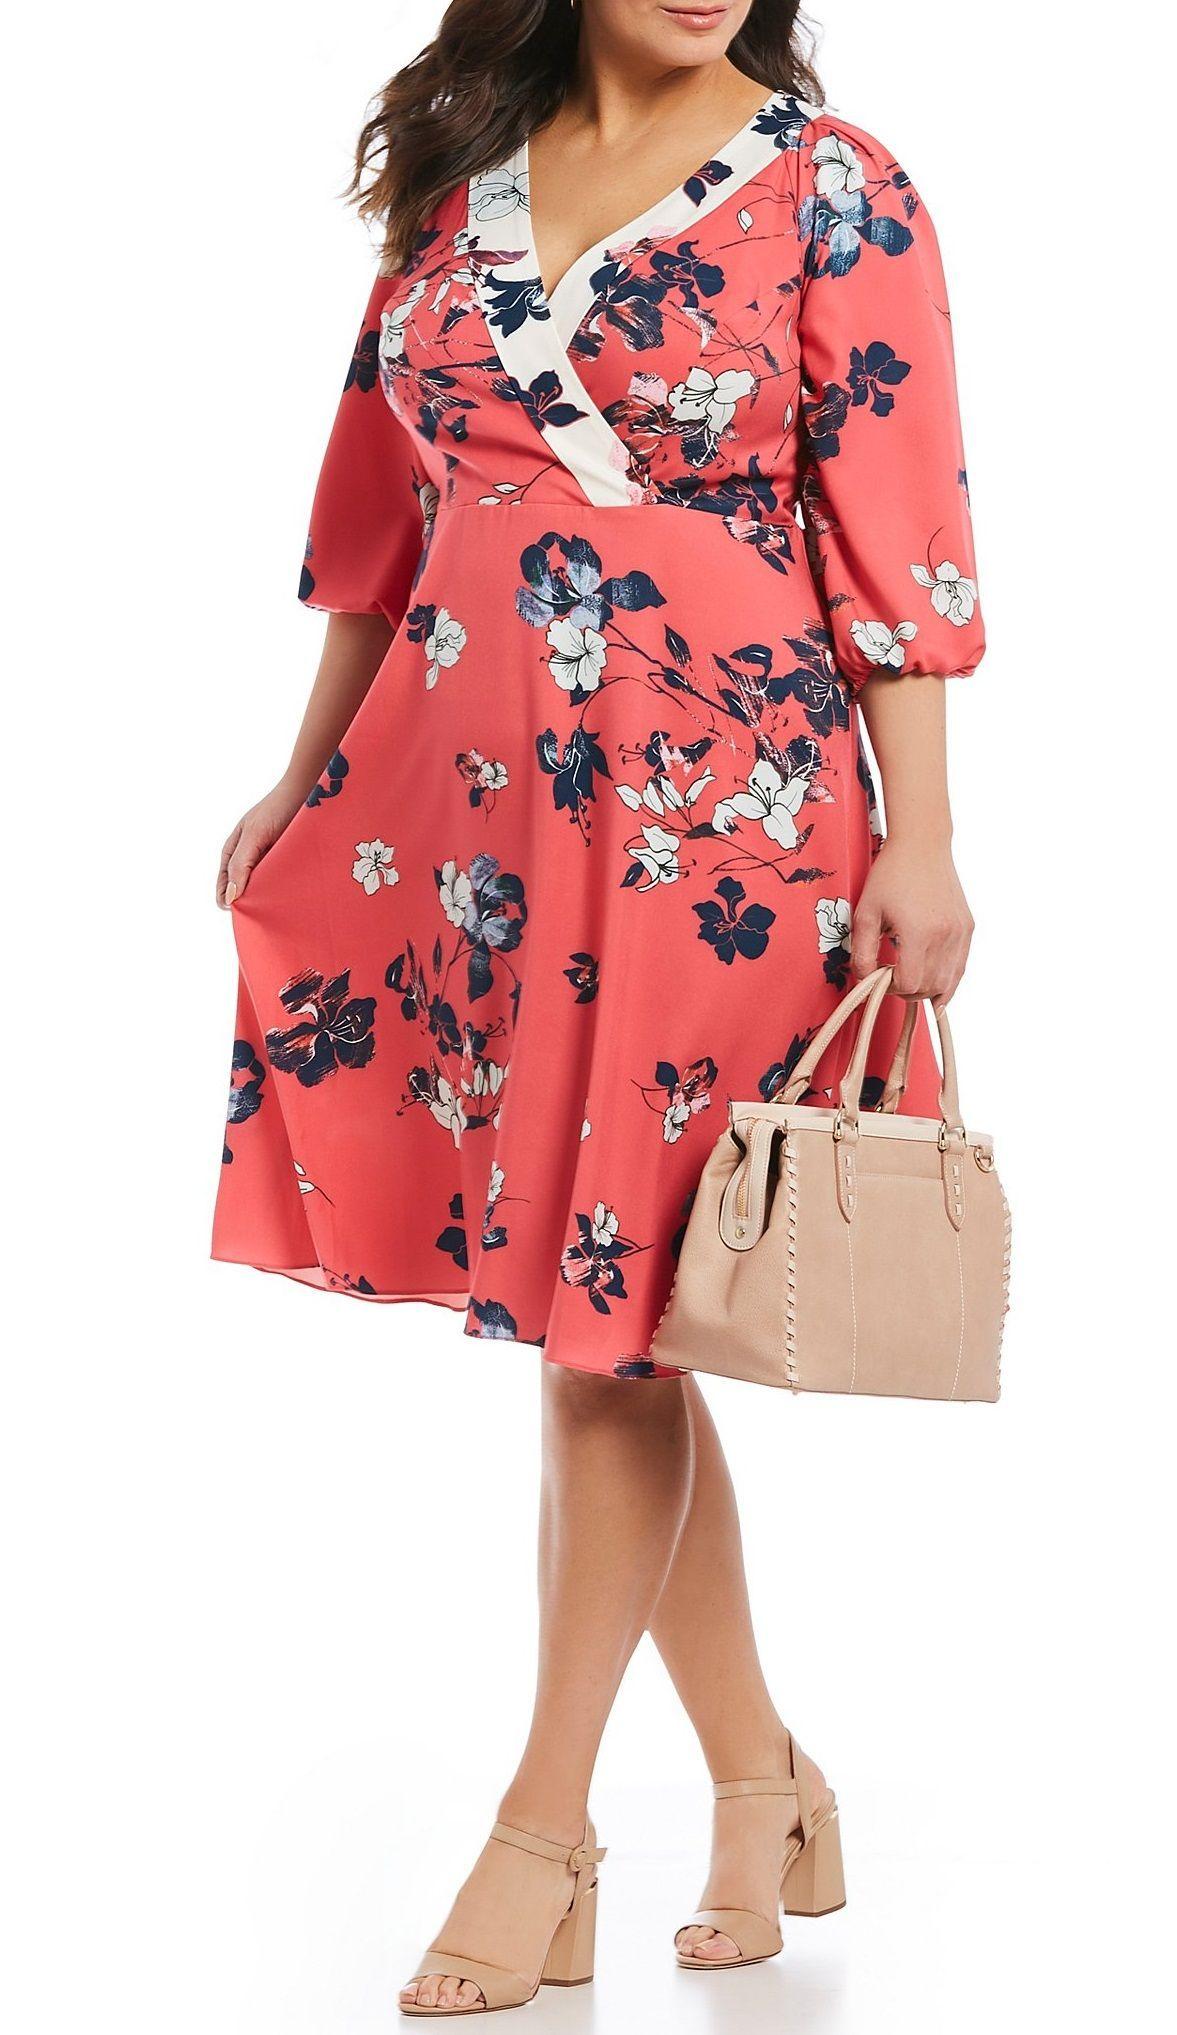 d8764921c36 Plus Size Floral Midi Dress